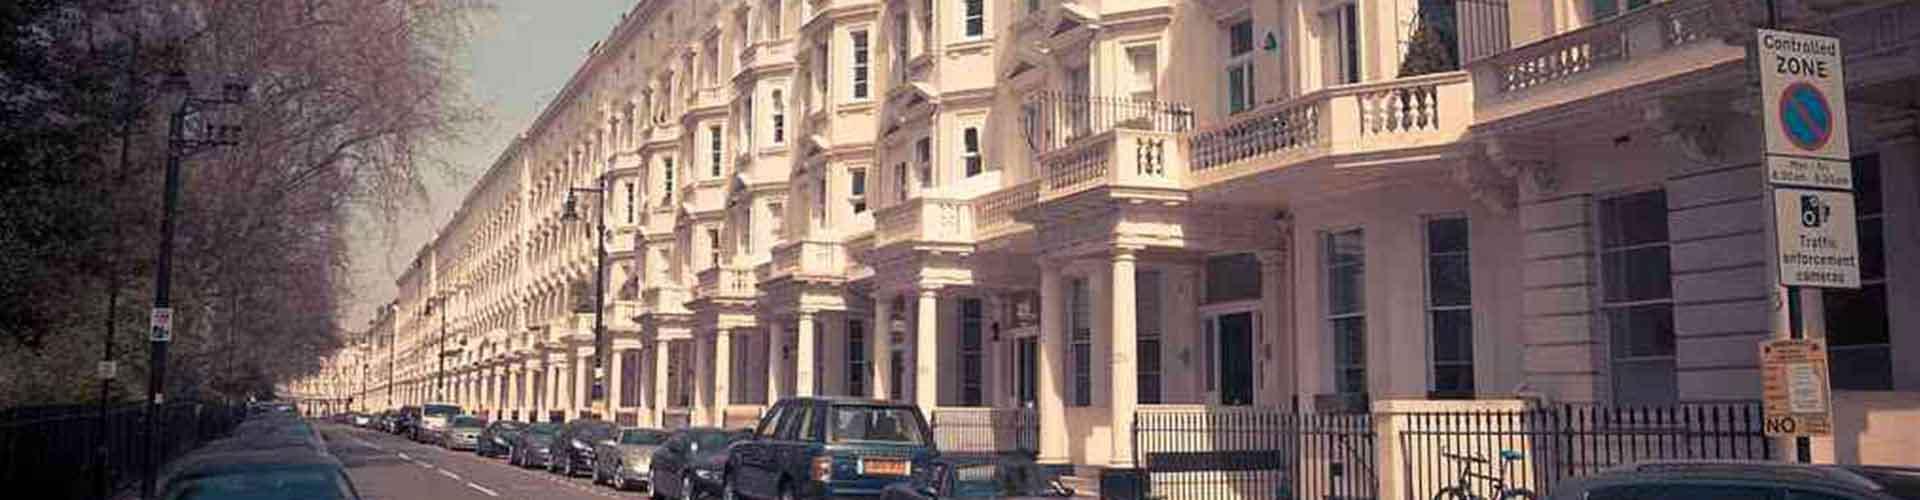 ロンドン – Pimlico地区のアパート. 地図 ロンドン, すべてのアパートの写真とレビュー ロンドン.